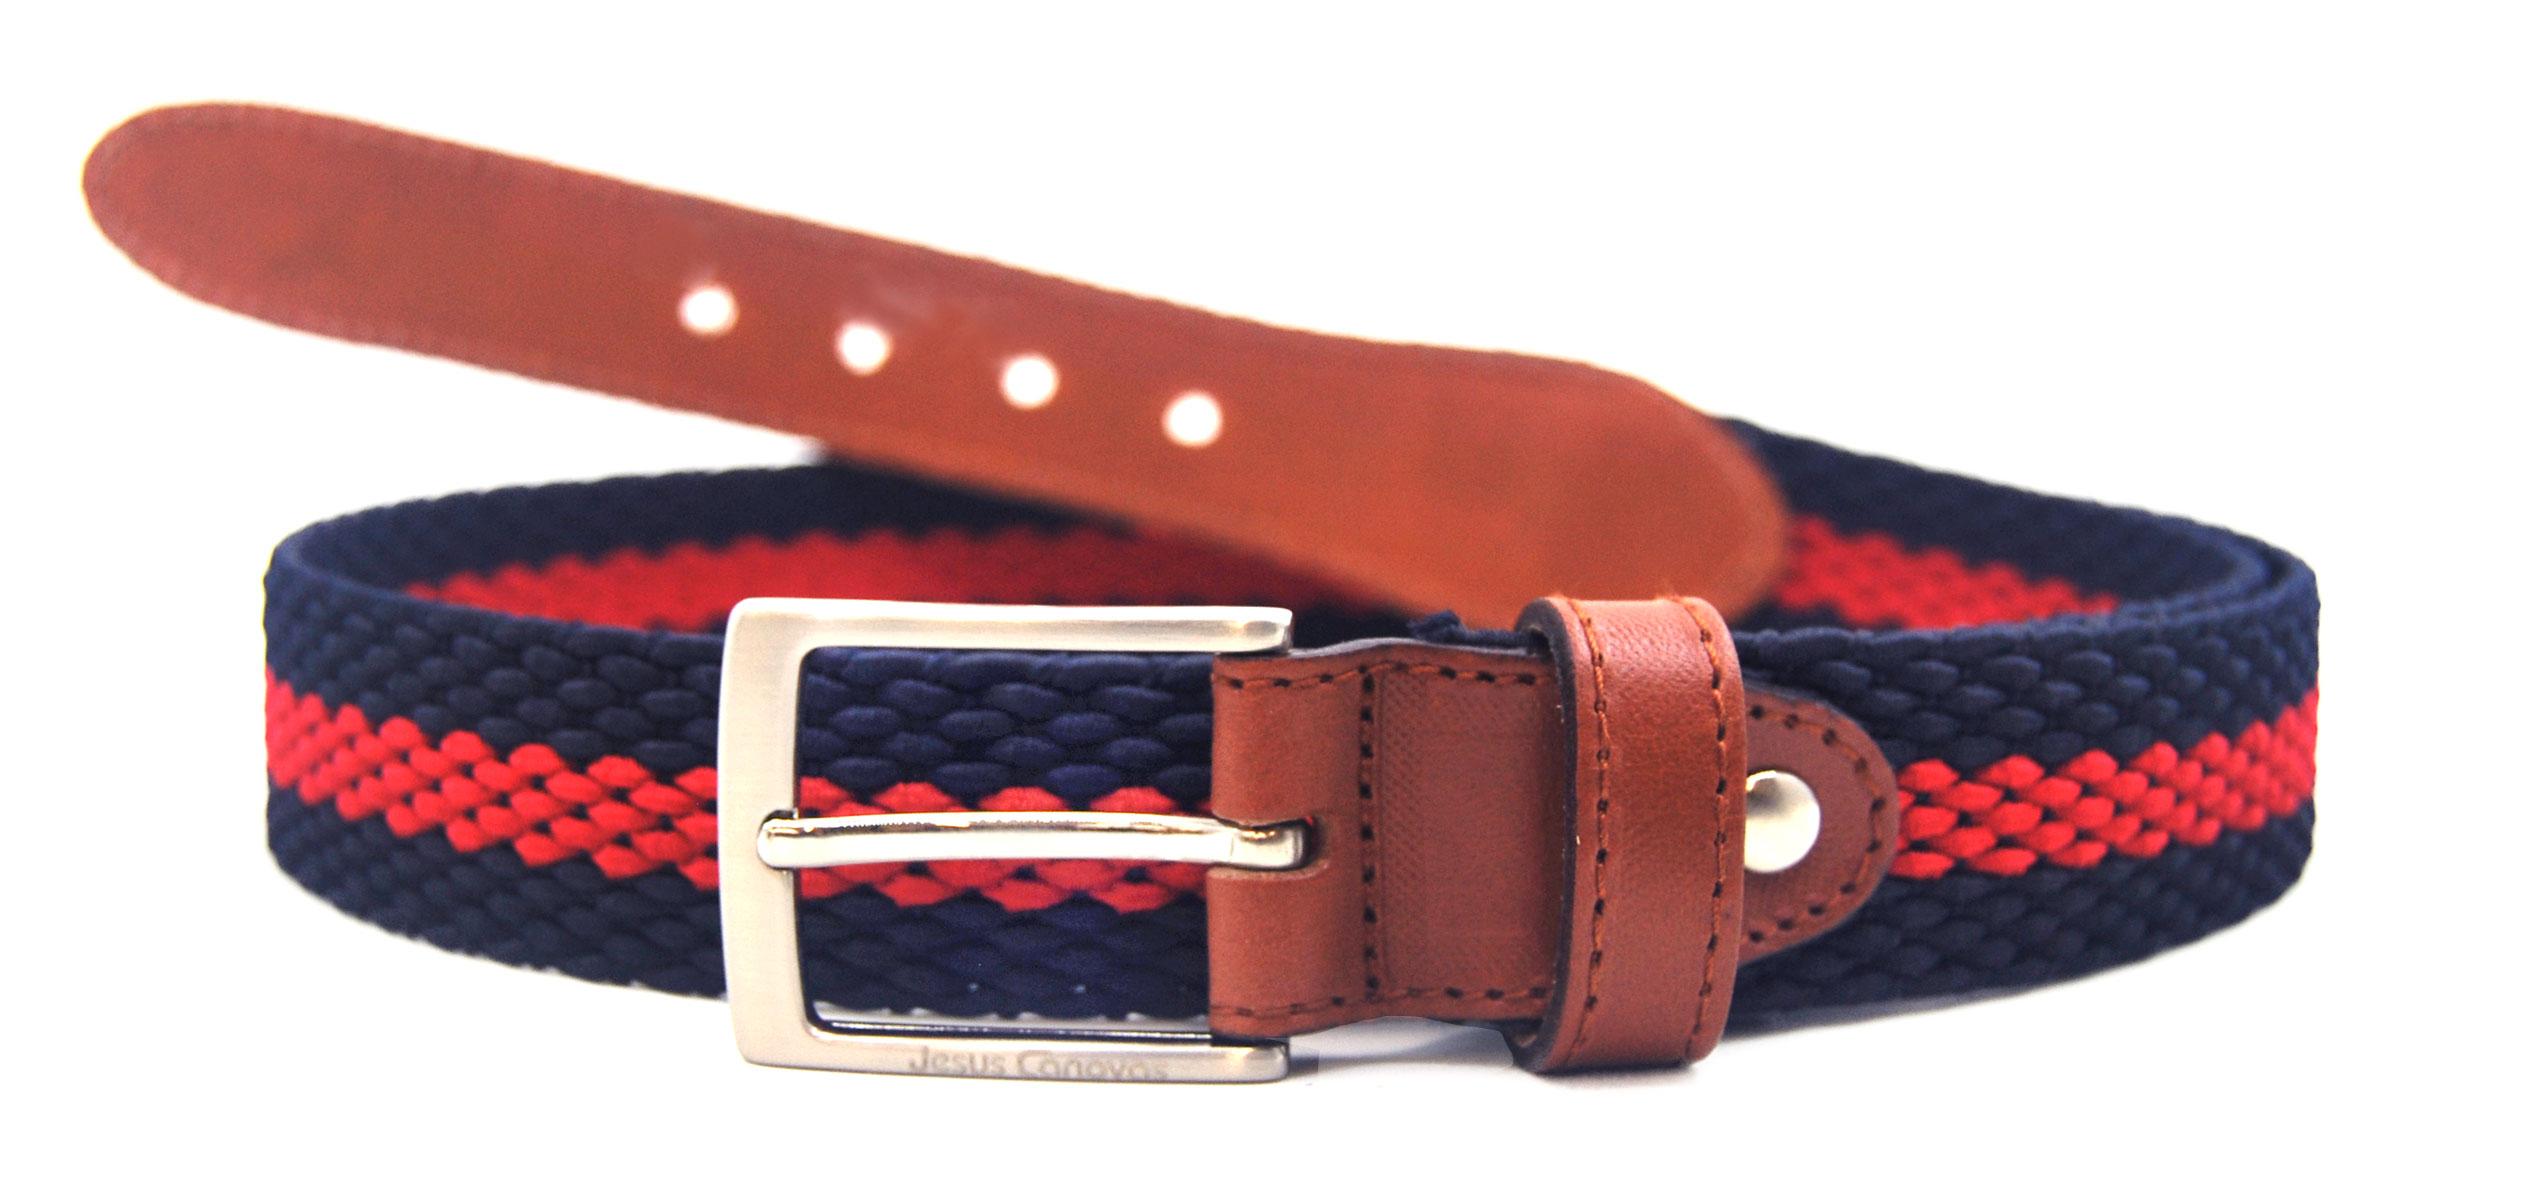 Foto 1 de Cinturón Trenzado Elástico Marino Rojo